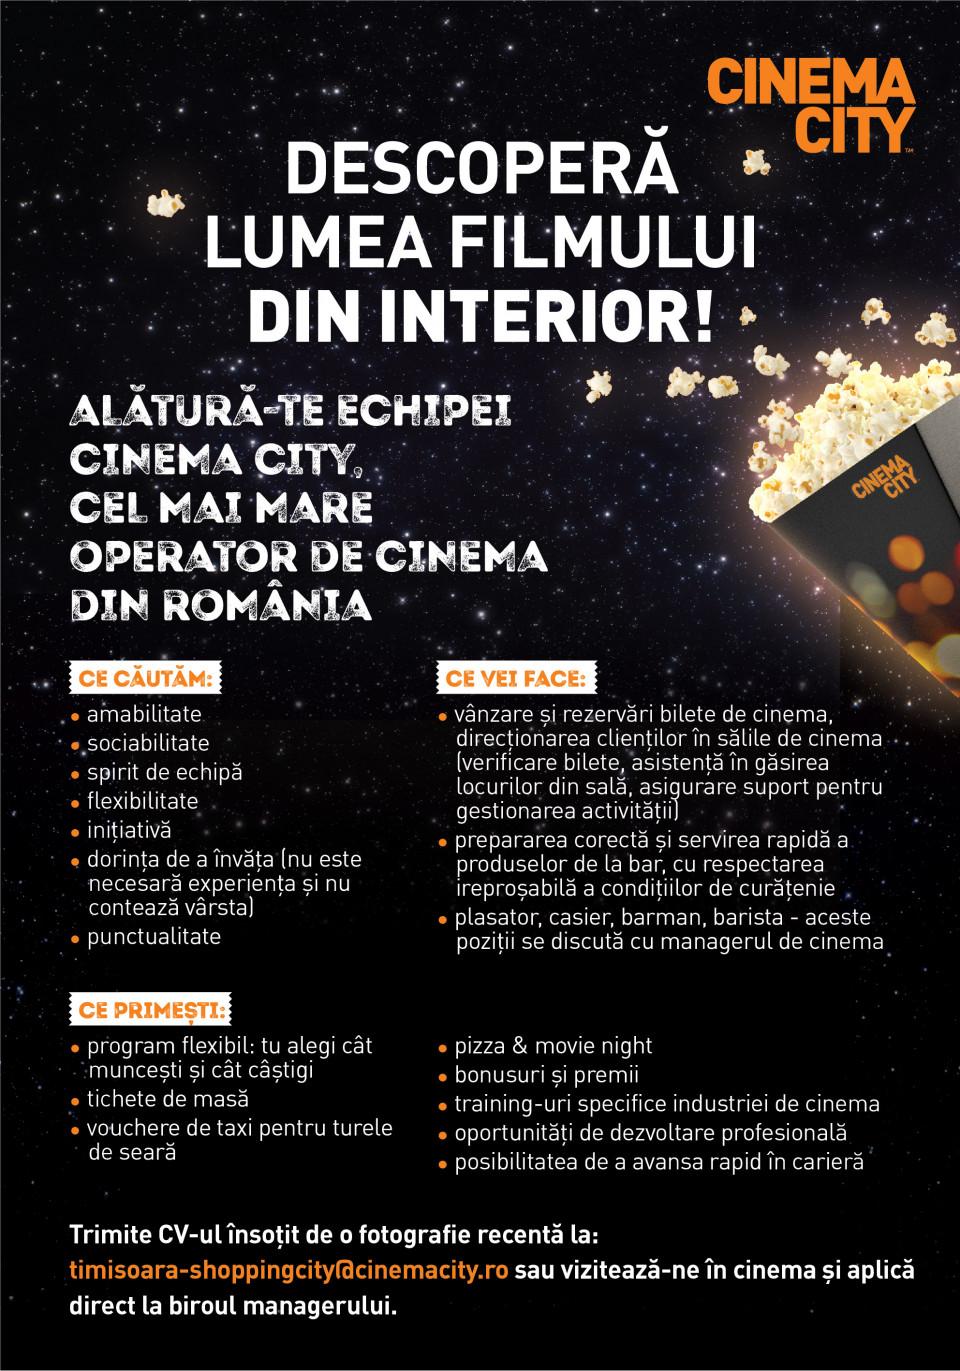 DESCOPERĂ LUMEA FILMULUI DIN INTERIOR!  Alătură-te echipei Cinema City, cel mai mare operator de cinema din România.  Cum ne dorim sa fie noul nostru coleg:  Cu atitudine pozitivă Dornic să învețe (nu este necesară experiența și nu contează vârsta) Punctual Cu bune abilități de comunicare și relaționare Amabil Să îi placă să lucreze în echipă Determinat Cu inițiativă Căutăm colegi care să descopere cu entuziasm lumea filmului din interior pentru următoarele roluri  Barman / Barista / Casier / Plasator  În funcție de rolul potrivit pentru tine, responsabilitățile generale ar putea fi:  - vânzarea de bilete și rezervări bilete de cinema, direcționarea clienților în cinema (verificare bilete, asistență în găsirea locurilor din sală, asigurare suport pentru gestionarea activității);  - preparea corectă și servirea rapidă a produselor de la bar sau cafenea, cu respectarea ireproșabilă a condițiilor de curățenie;  - întâmpinarea clienților și oferirea informațiilor corecte despre produsele noastre;  Barman / Barista / Casier / Plasator – aceste poziții se discută în cadrul interviului.  Ce îți garantăm:  - Program flexibil (tu alegi cât muncești și cât câștigi) - Tichete de masa - Pizza & Movie night - Bonusuri și premii - Training-uri specifice industriei de cinema - Vouchere de taxi pentru turele de seară - Oportunități de dezvoltare profesională - Posibilitatea de a avansa rapid în carieră  Punem accent pe dezvoltarea oamenilor și ne dorim ca fiecare coleg să fie foarte bine pregătit profesional existând șanse de promovare. Dezvoltă și tu o carieră în industria de cinema!  Trimite CV-ul insotit de o fotografie recenta la: timisoara-shoppingcity@cinemacity.ro sau viziteaza-ne in cinema si aplica direct la biroul managerului.  Te așteptăm cu drag! Descoperă lumea filmului din interior!Alătură-te echipei Cinema City, cel mai mare operator de cinema din România, parte din Cineworld, al doilea mare lanț de cinematografe din lume!Ne dorim să fim cel mai bun loc unde se vizio